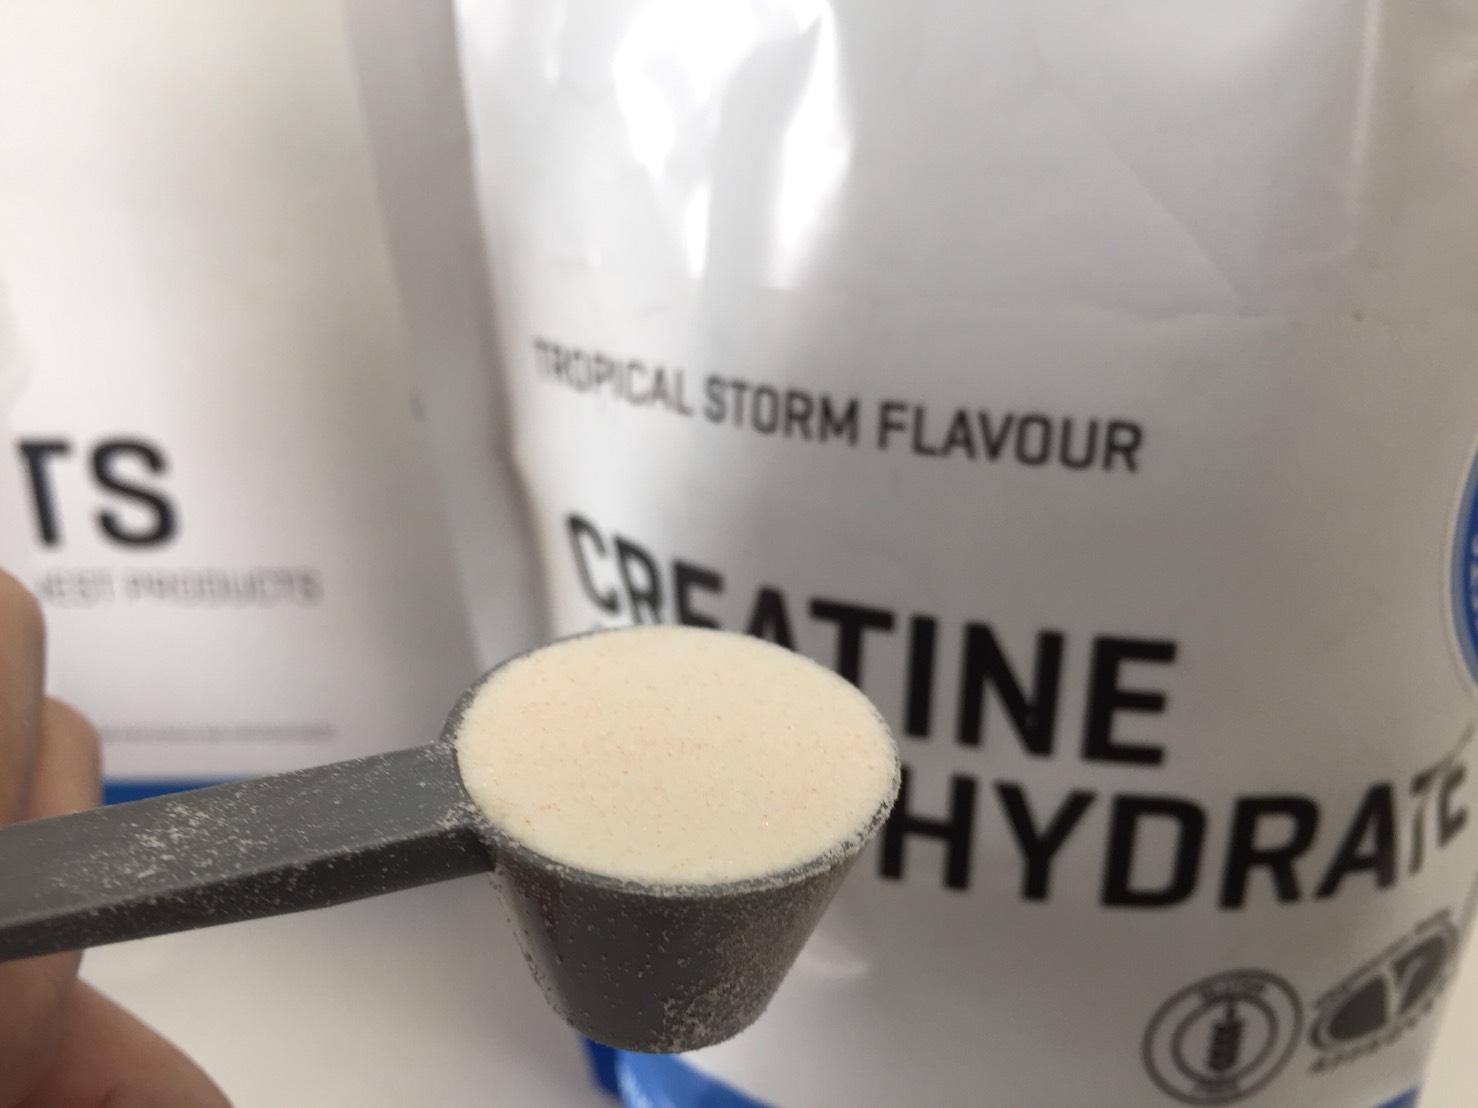 クレアチン一水和物粉末-TROPICAL STORM FLAVOUR(トロピカル味)の様子